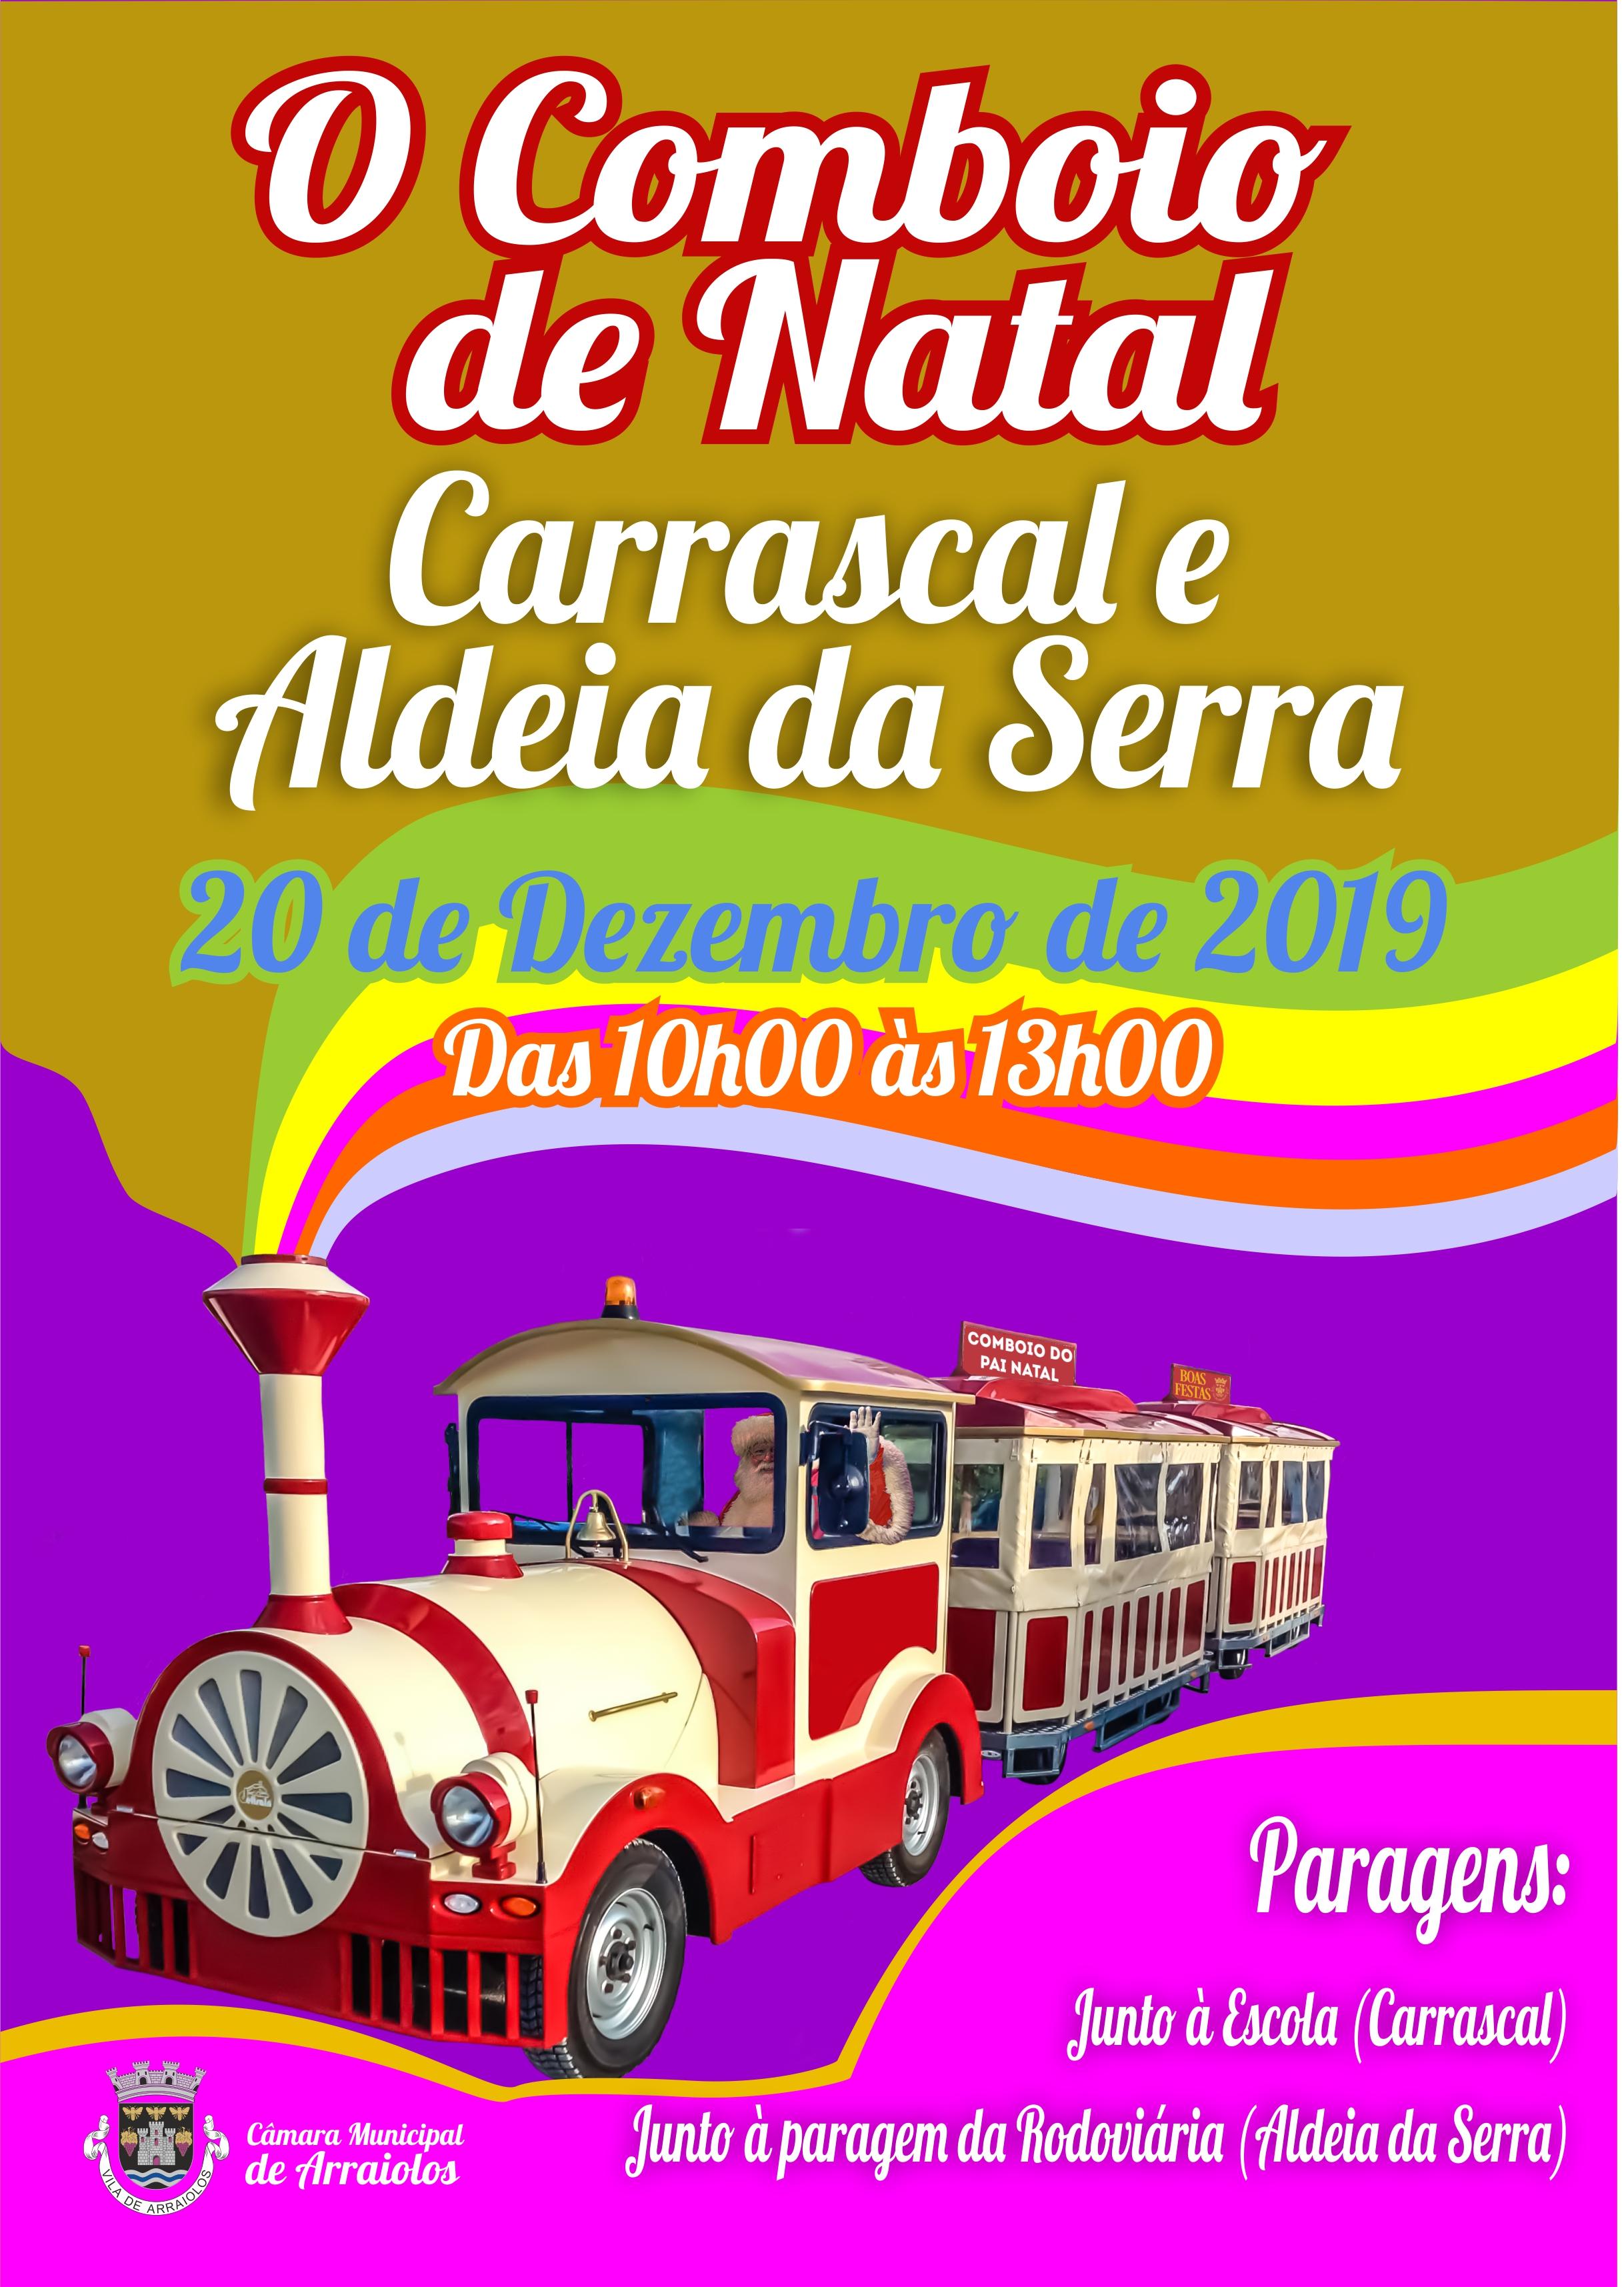 Comboio de Natal Carrascal e Serra.jpg